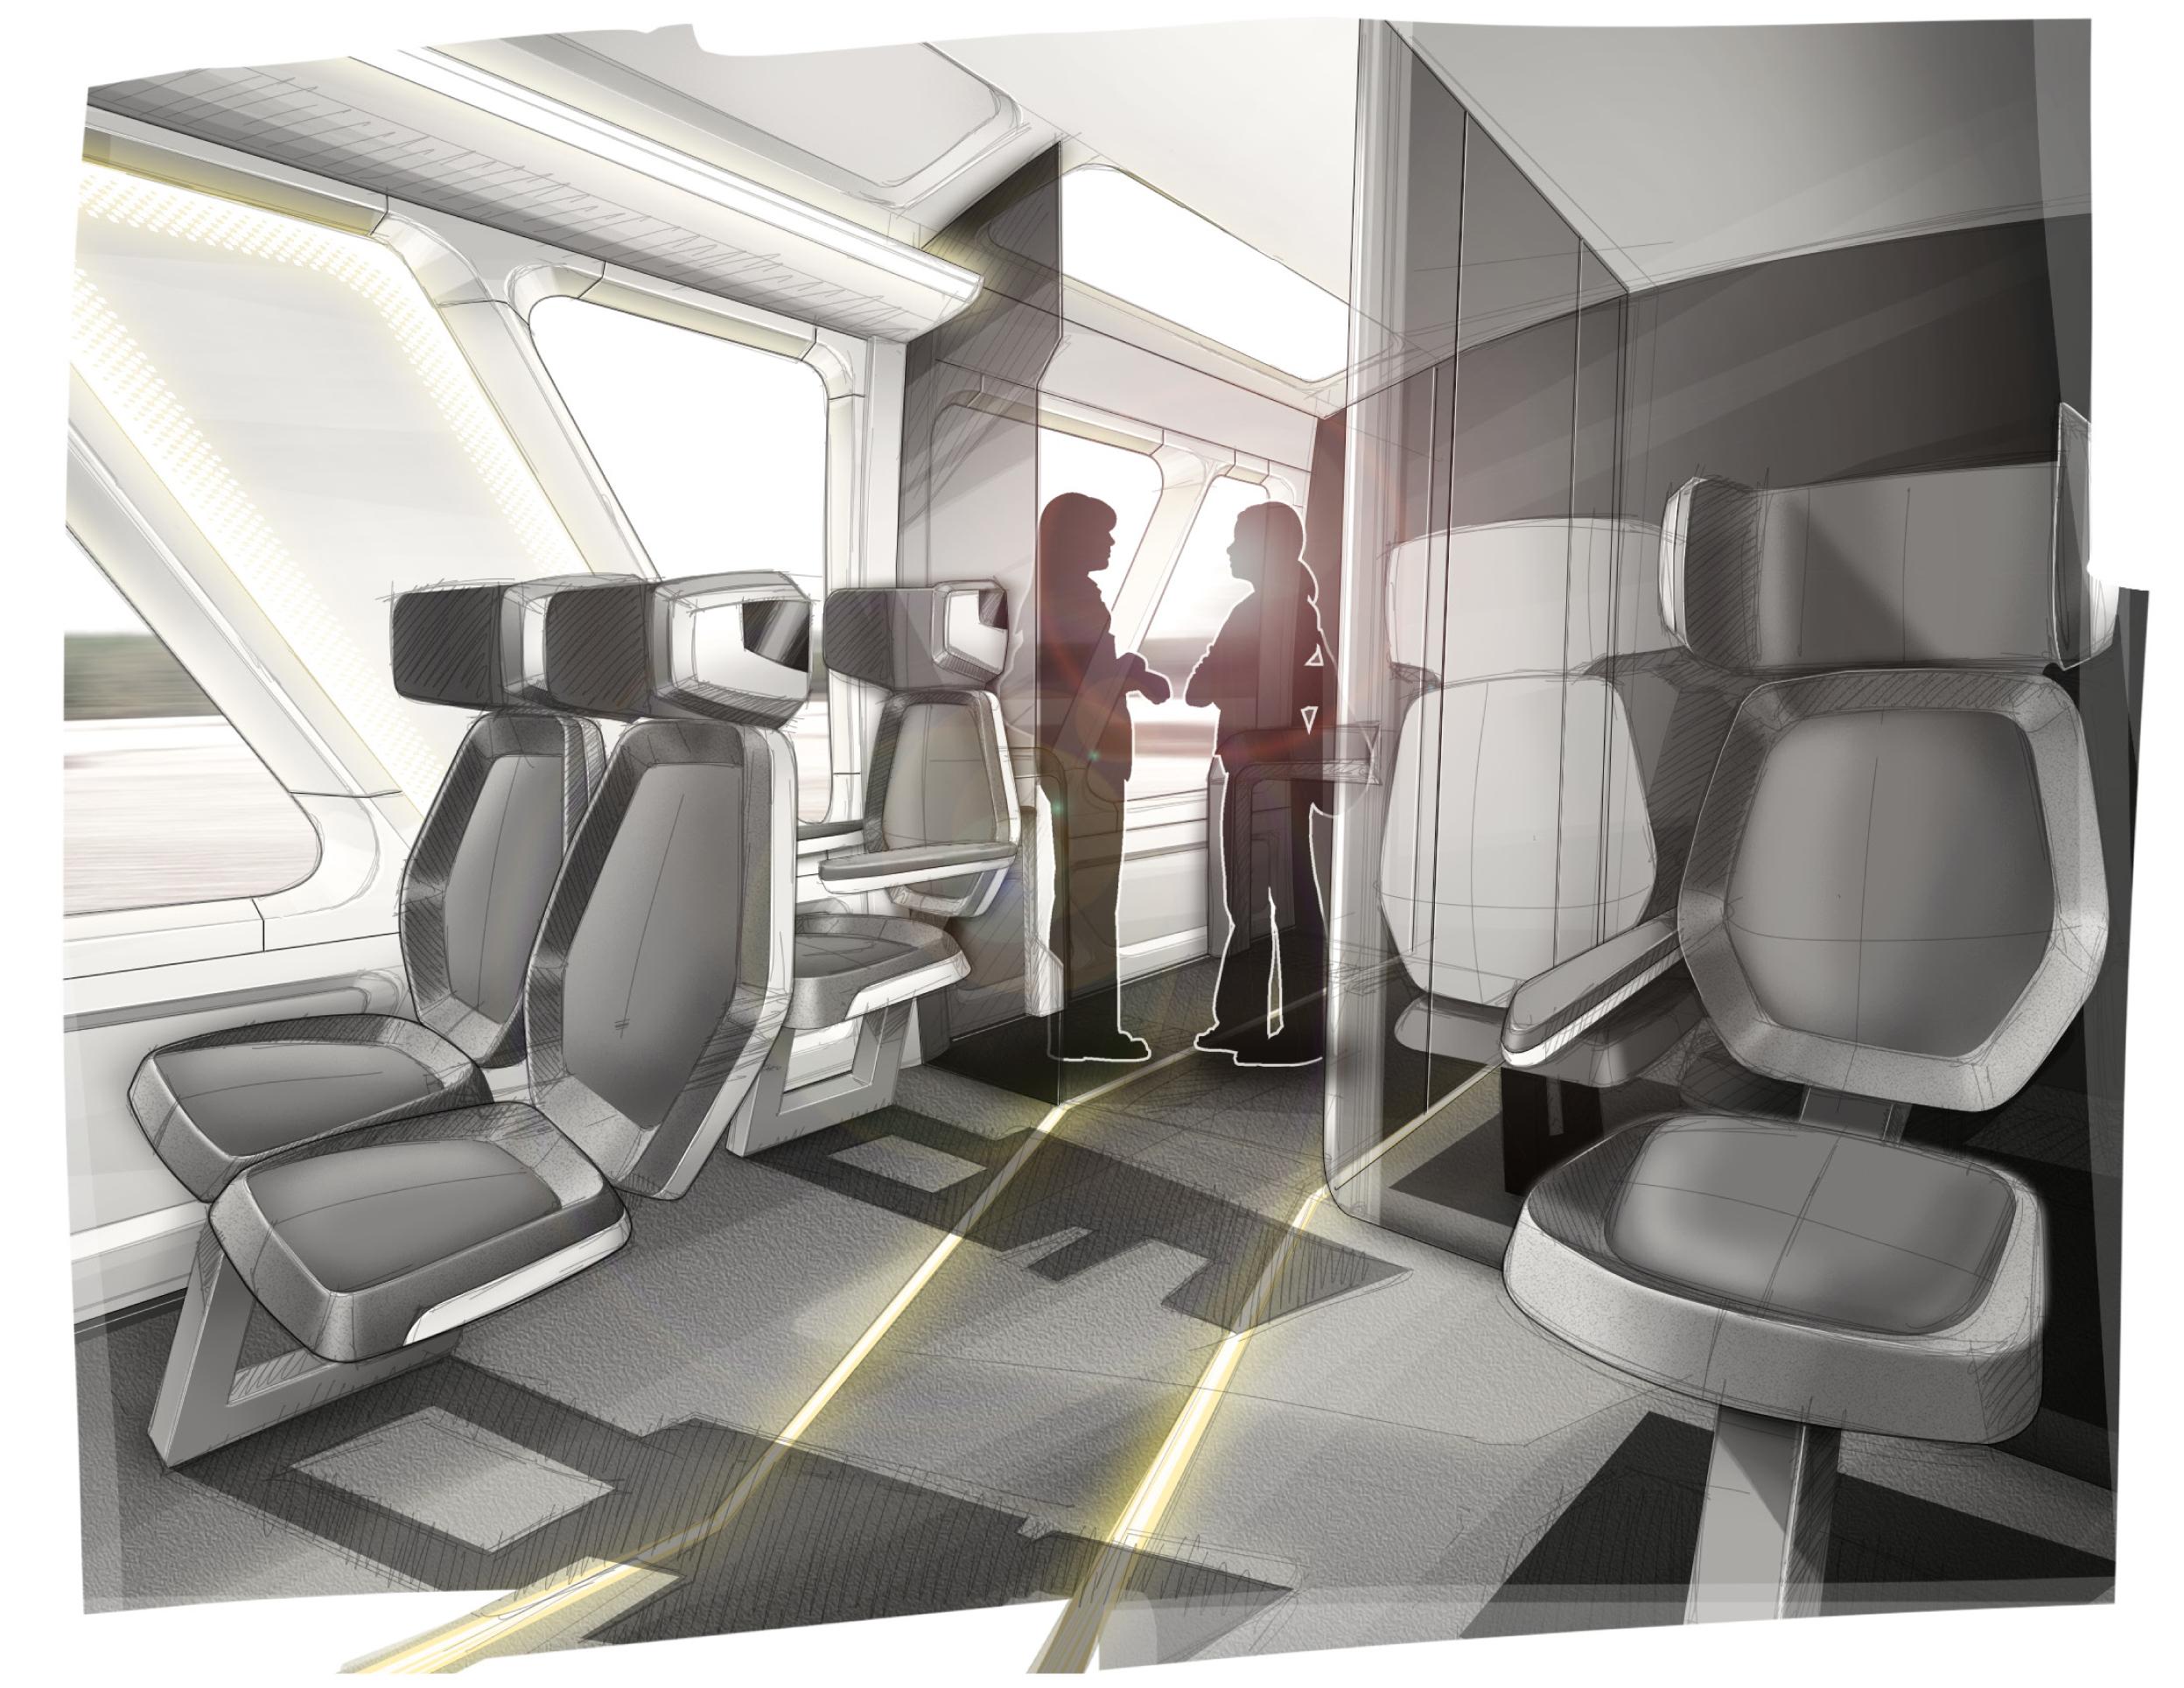 thcx-interieur-hochgeschwindigkeitszug